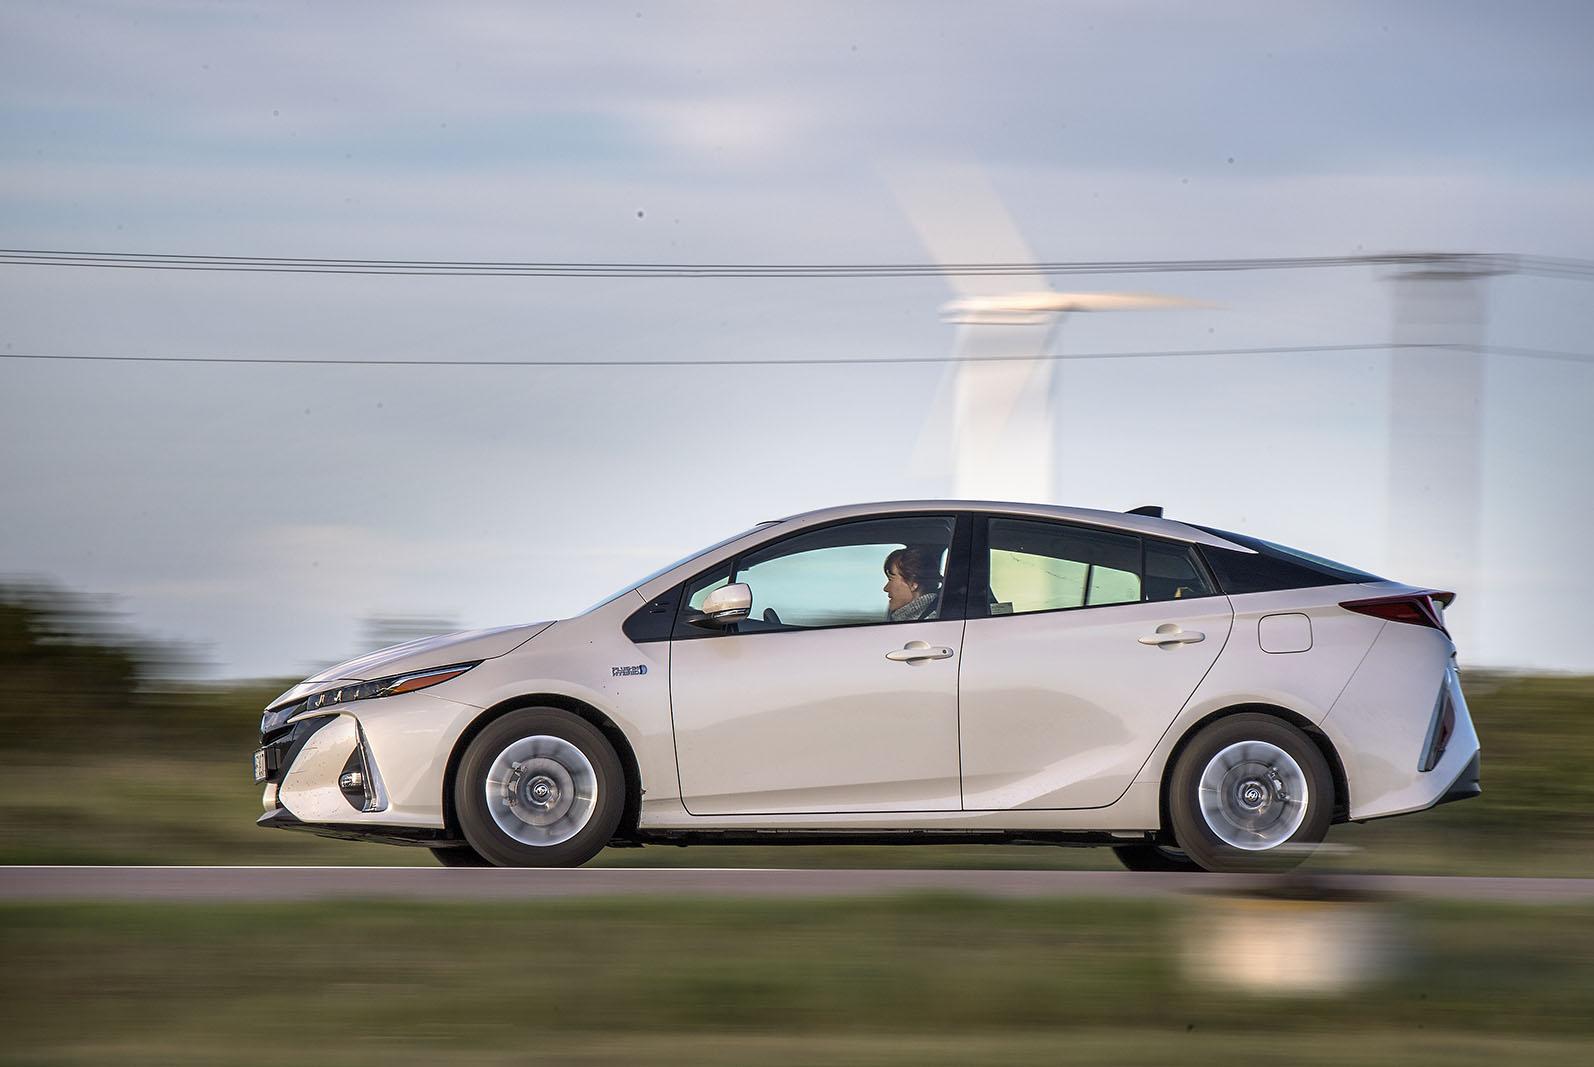 Toyota Prius laddhybrid är först ut i Toyotas satsning på laddhybrider. En satsning som kommer att breddas under 2020-talet.